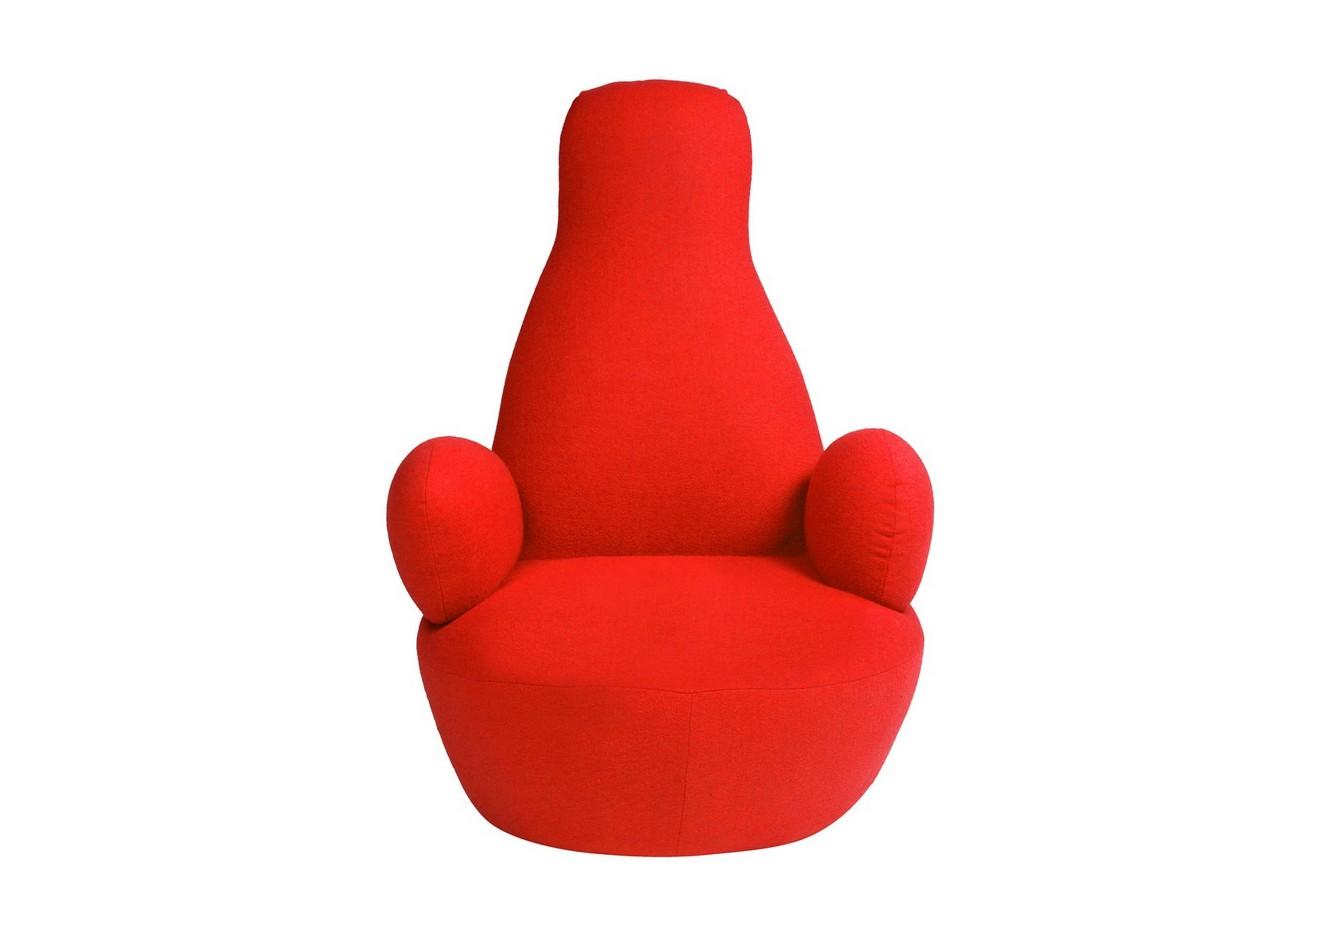 Кресло Bottle ChairКресла с высокой спинкой<br>Бескаркасное, красного цвета, кресло Bottle Chair сочетает в себе надежность и комфорт, его создание вдохновлено знаменитым бескаркасным креслом-мешком итальянского дизайнера Гатти. Кресло с круглым сиденьем и подлокотниками, необычной спинкой, выглядит нестандартно, легко перемещается. Кресло создано для релаксации и вдохновения. Часто говорят: «не лезь в бутылку». А вот в эту «бутылку» как раз можно и нужно «лезть»!<br><br>Material: Кашемир<br>Width см: 70<br>Depth см: 90<br>Height см: 105